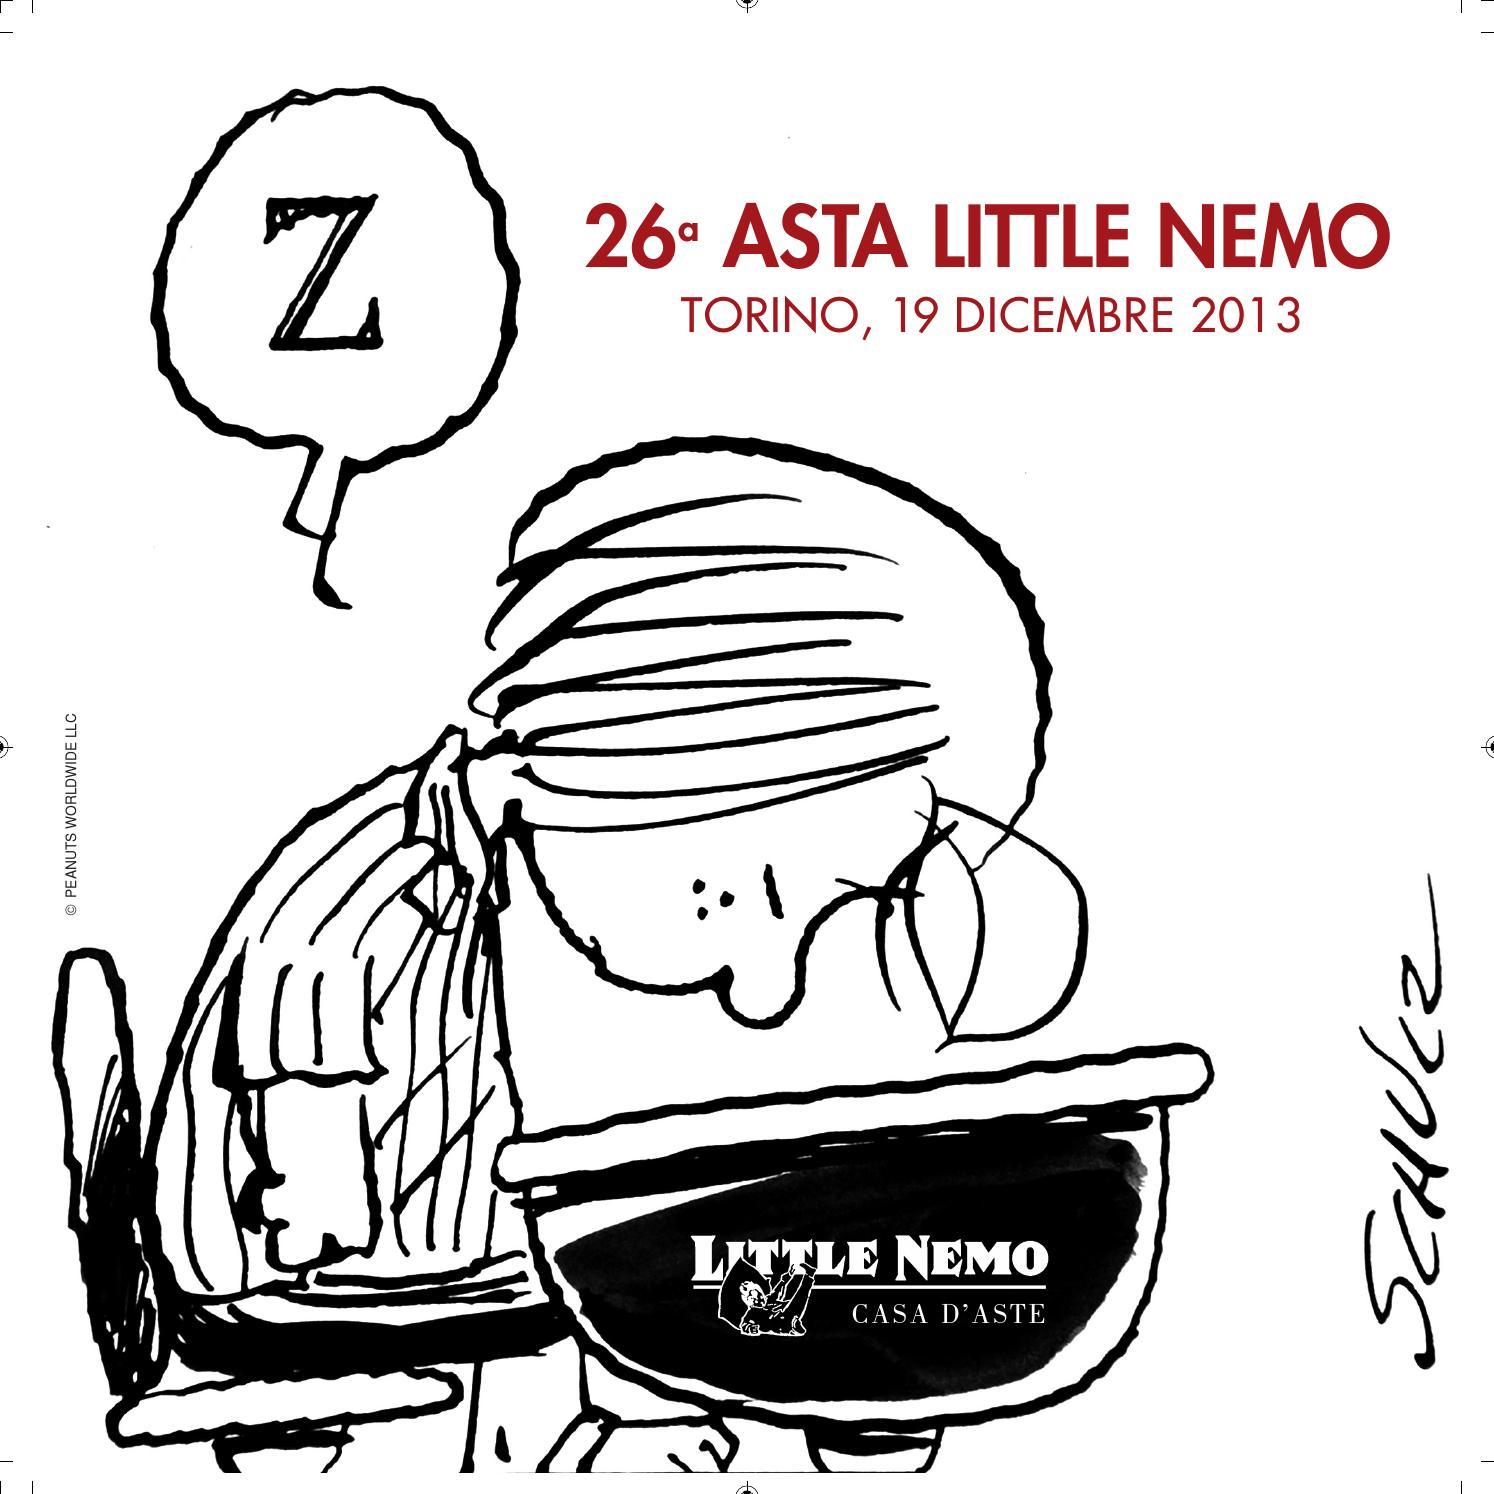 Little nemo asta 26 19 dicembre 2013